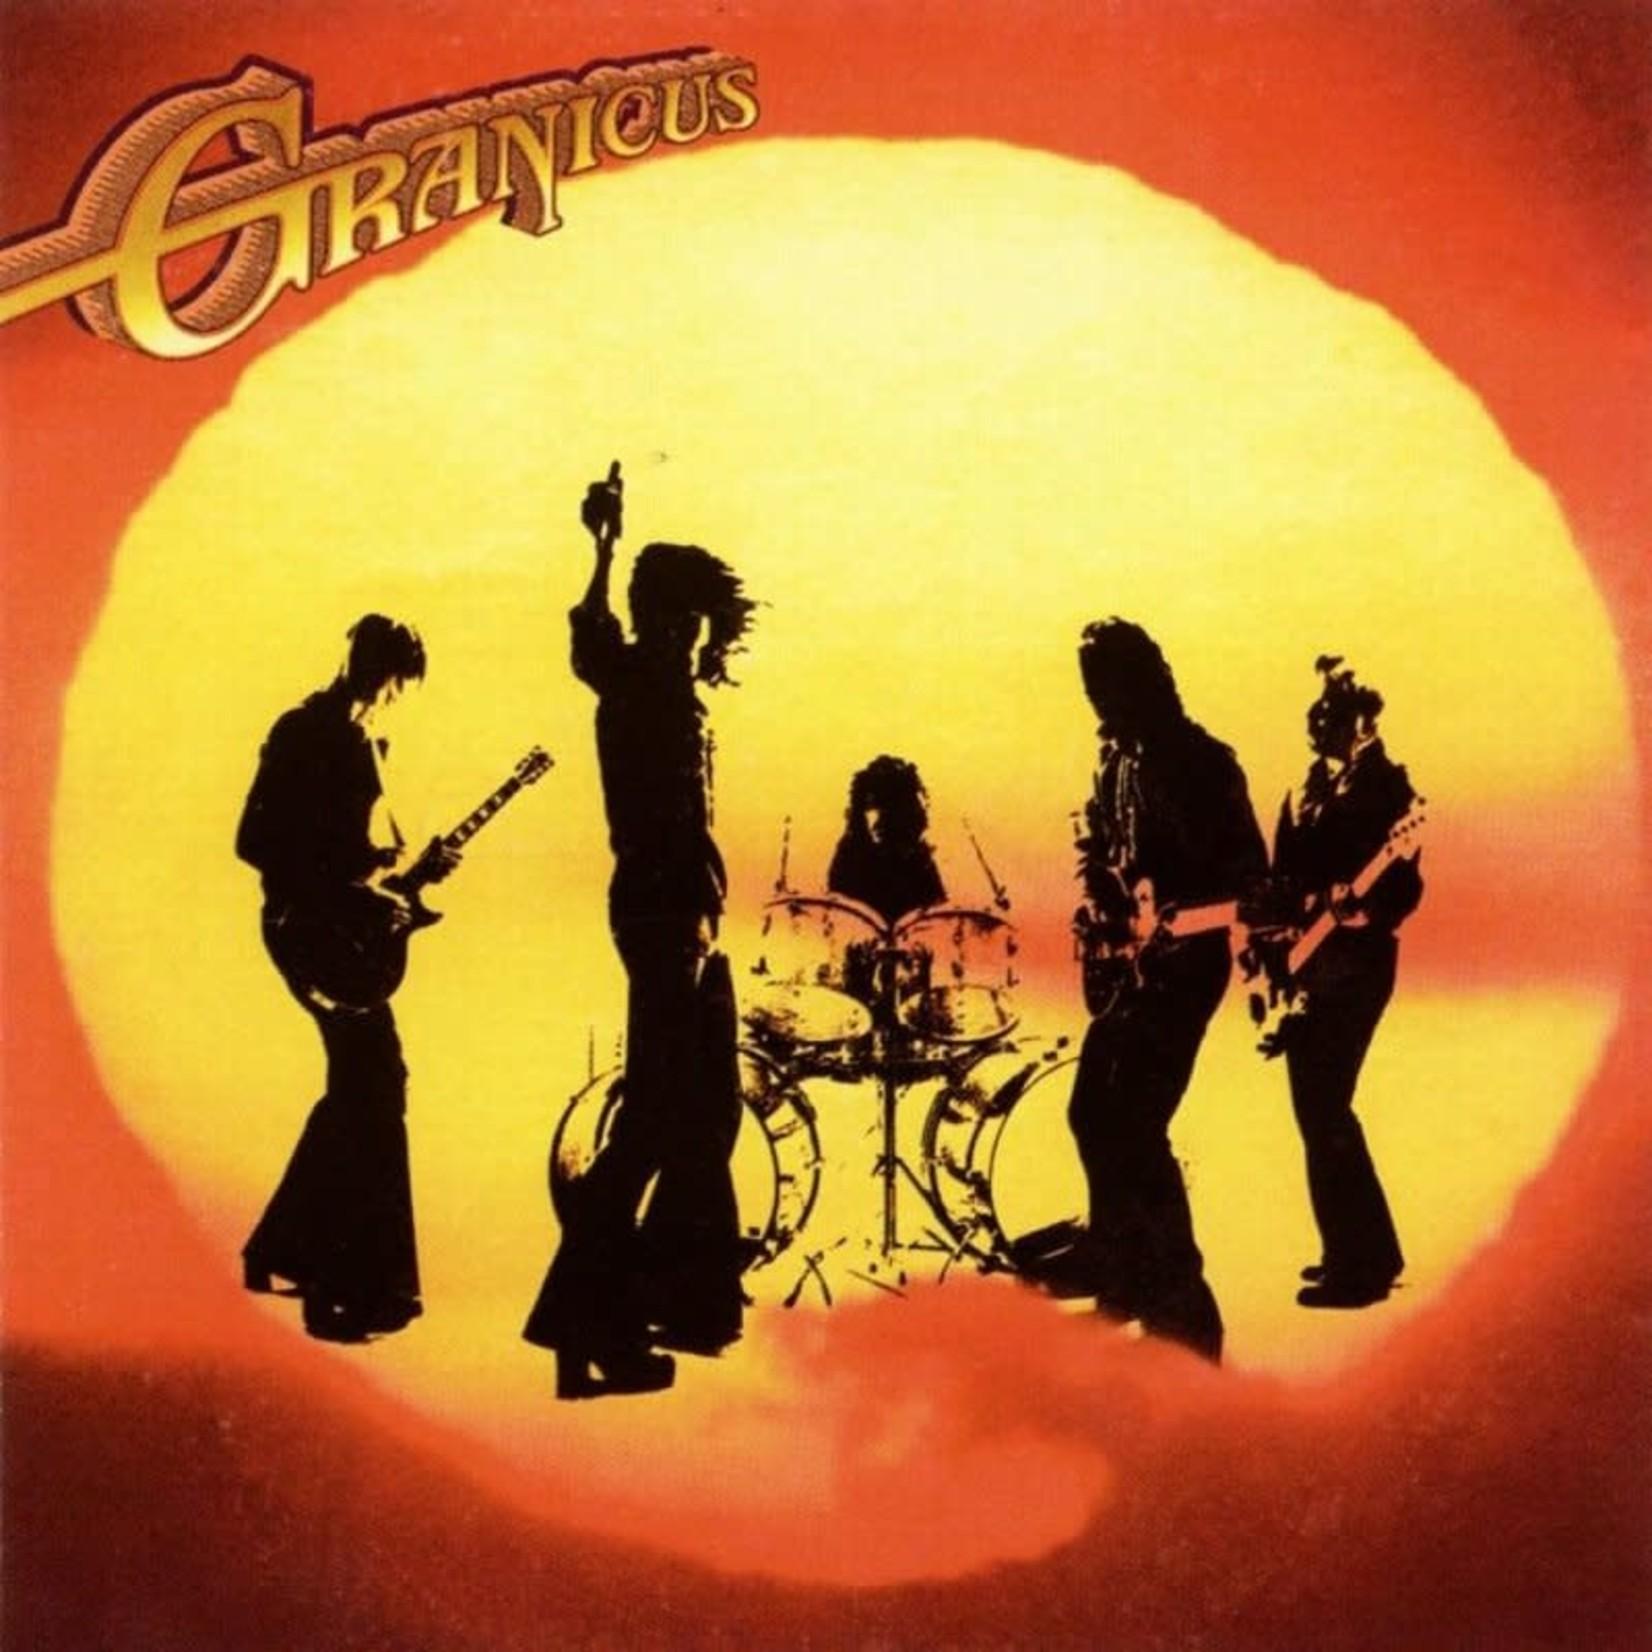 Vinyl Granicus - ST